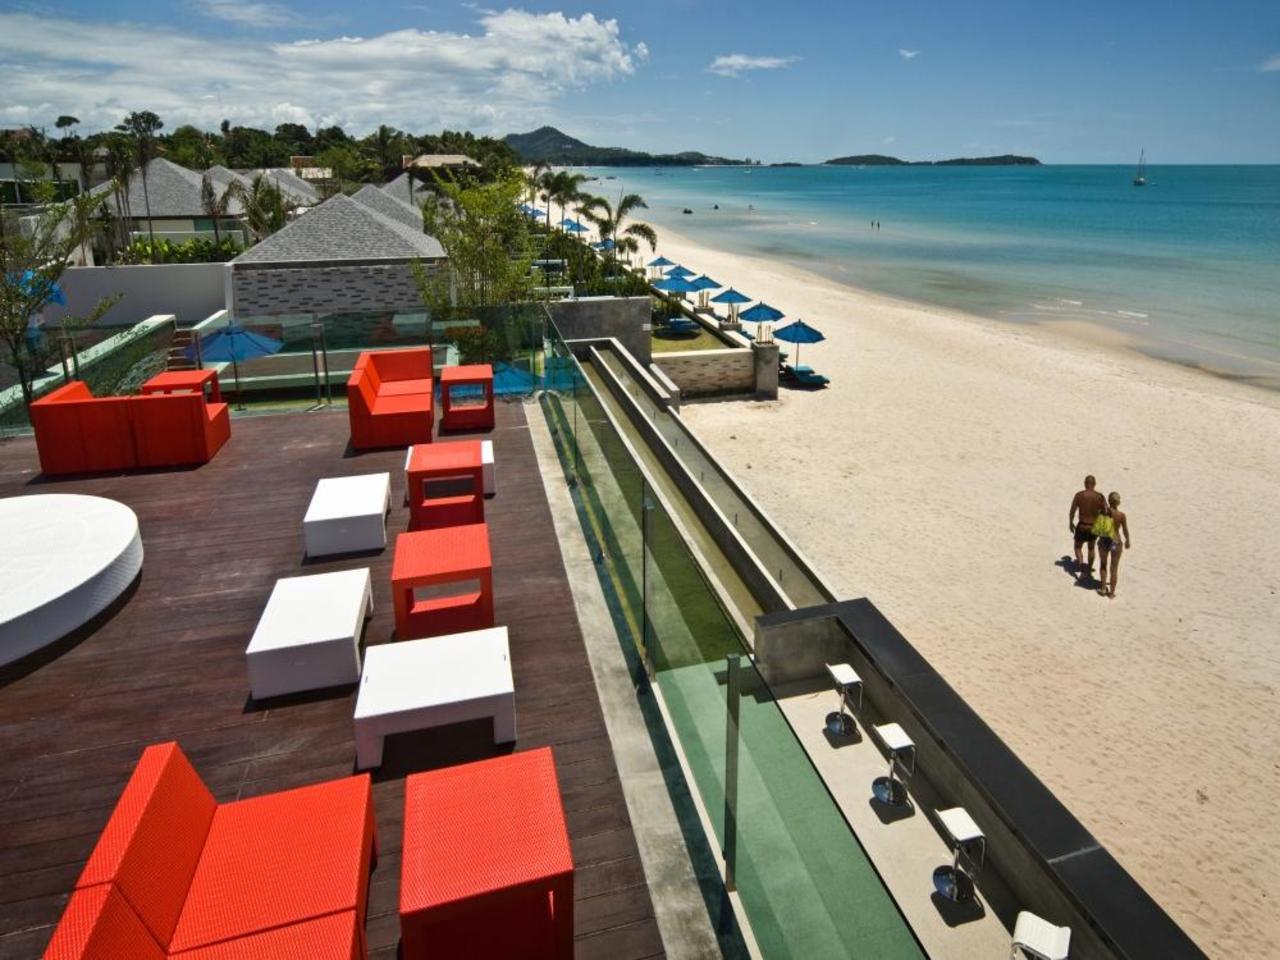 สมุย รีโซเท็ล บีช รีสอร์ท (Samui Resotel Beach Resort)